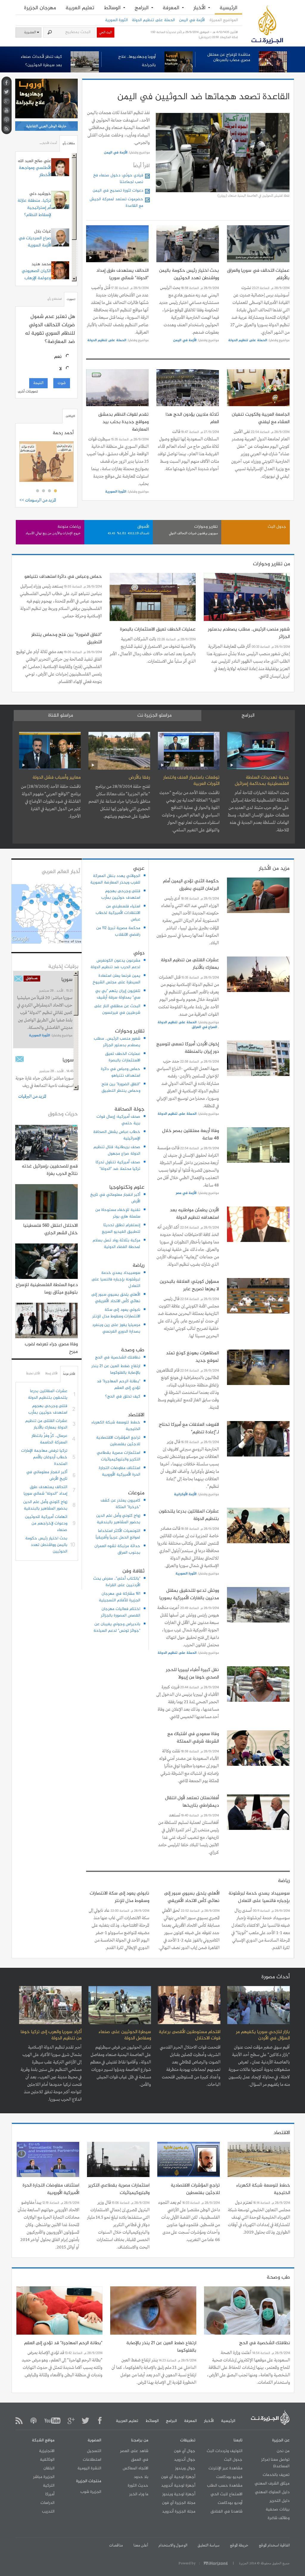 Al Jazeera at Sunday Sept. 28, 2014, 11:11 p.m. UTC